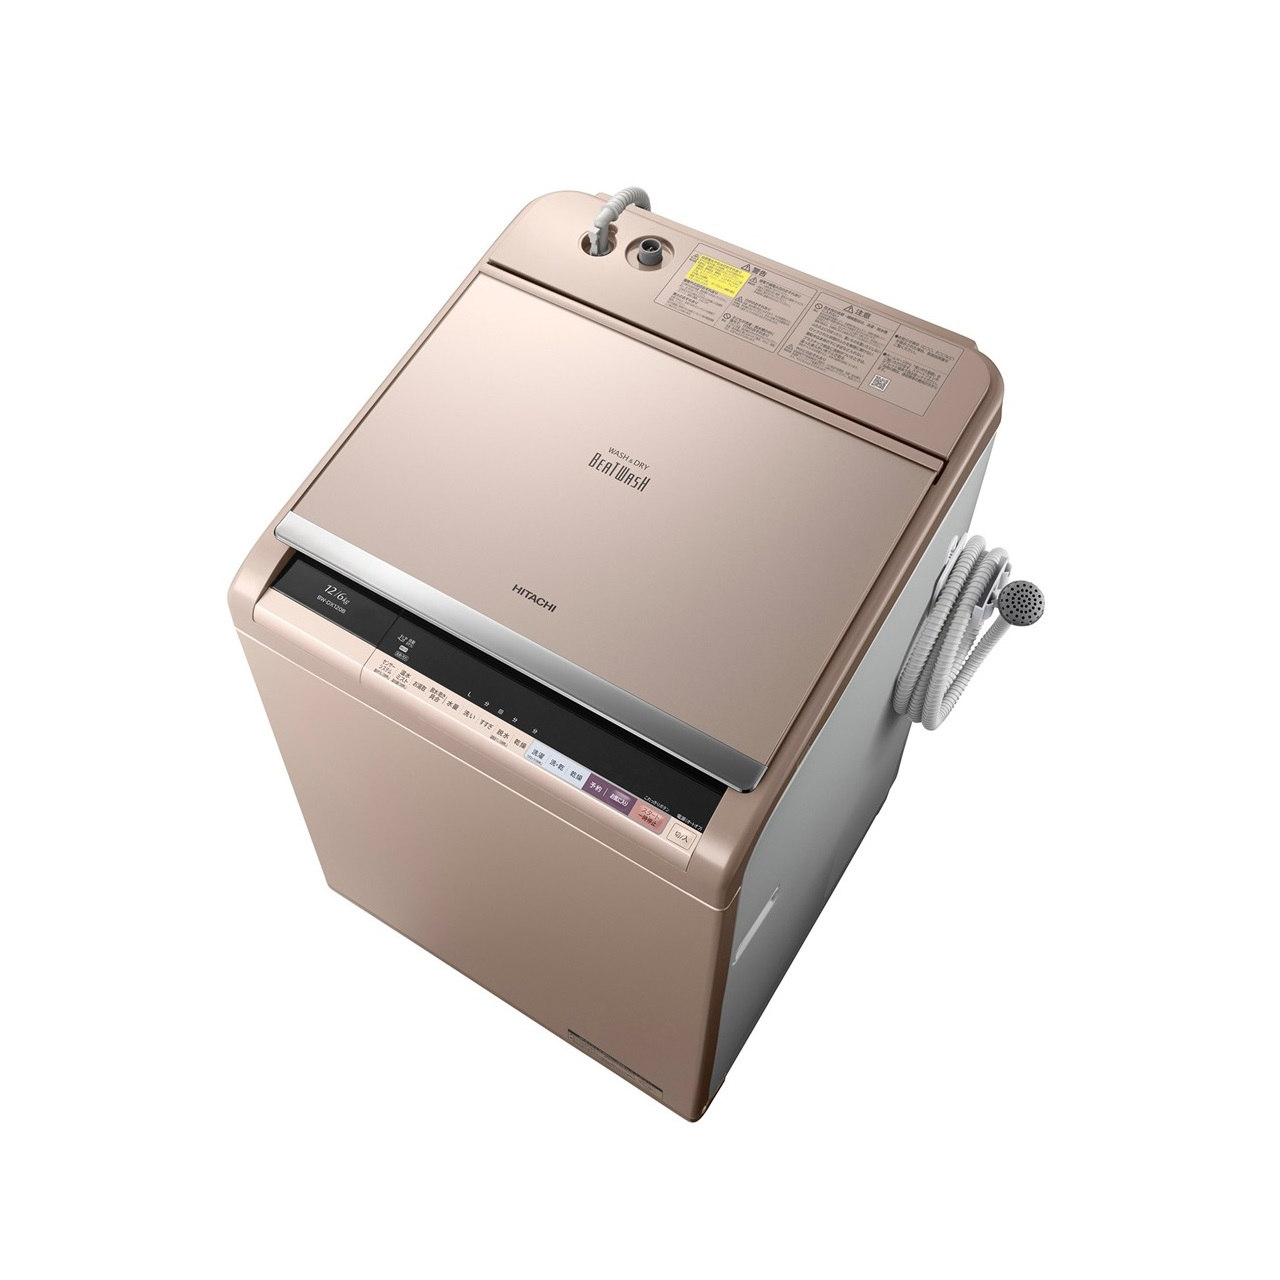 日立ビートウォッシュBW-DX120B洗濯乾燥機